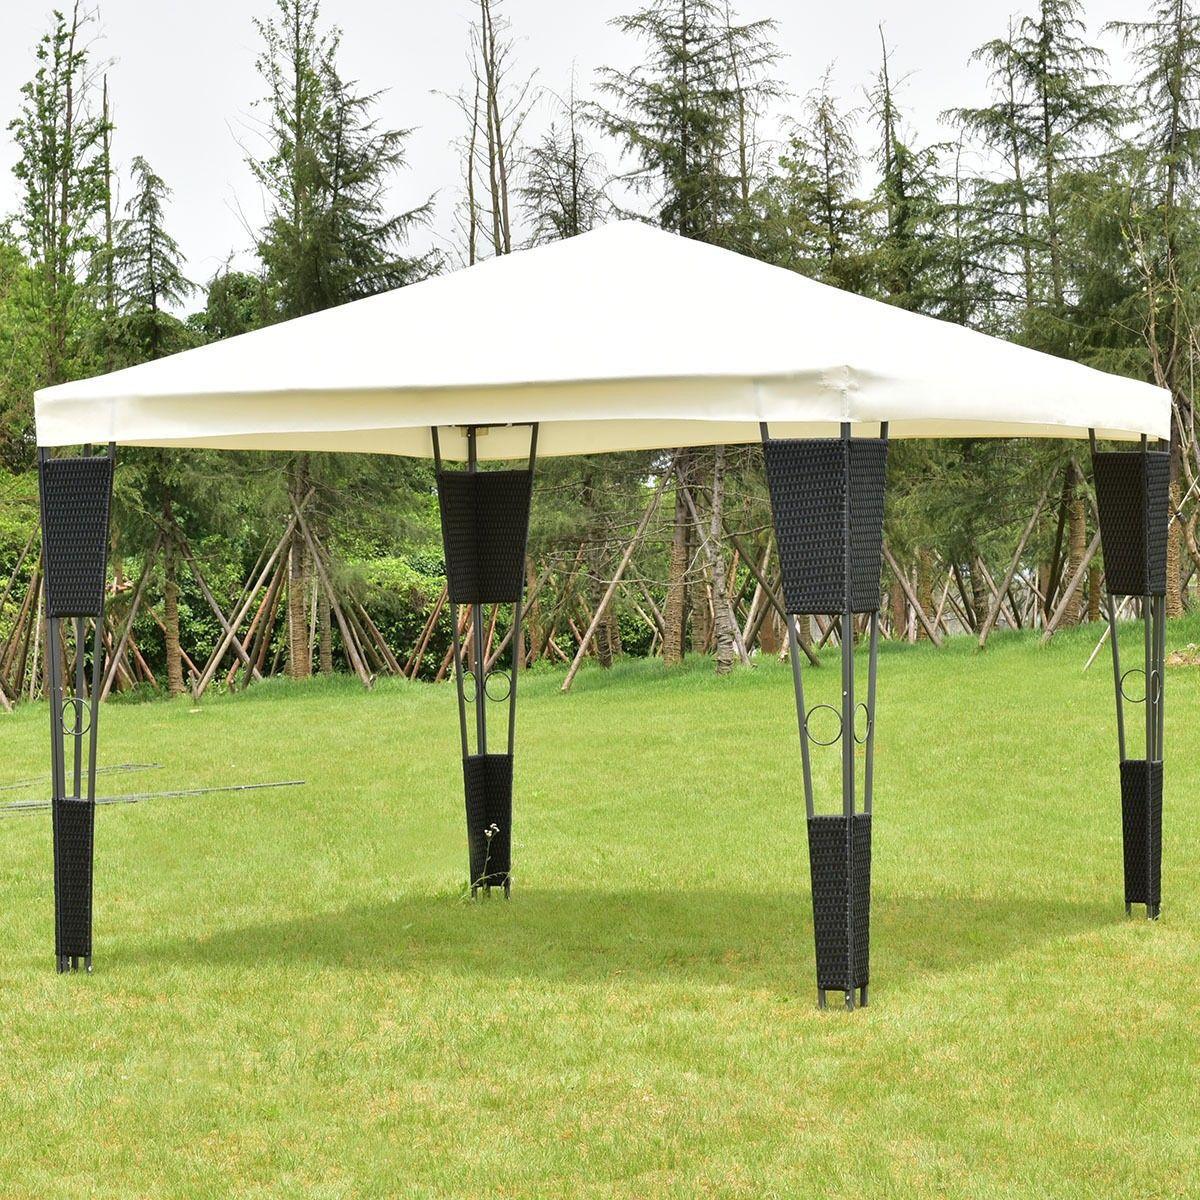 Outdoor 10 X 10 Rattan Wicker Gazebo Canopy Gazebo Canopy Gazebo Canopy Tent Outdoor